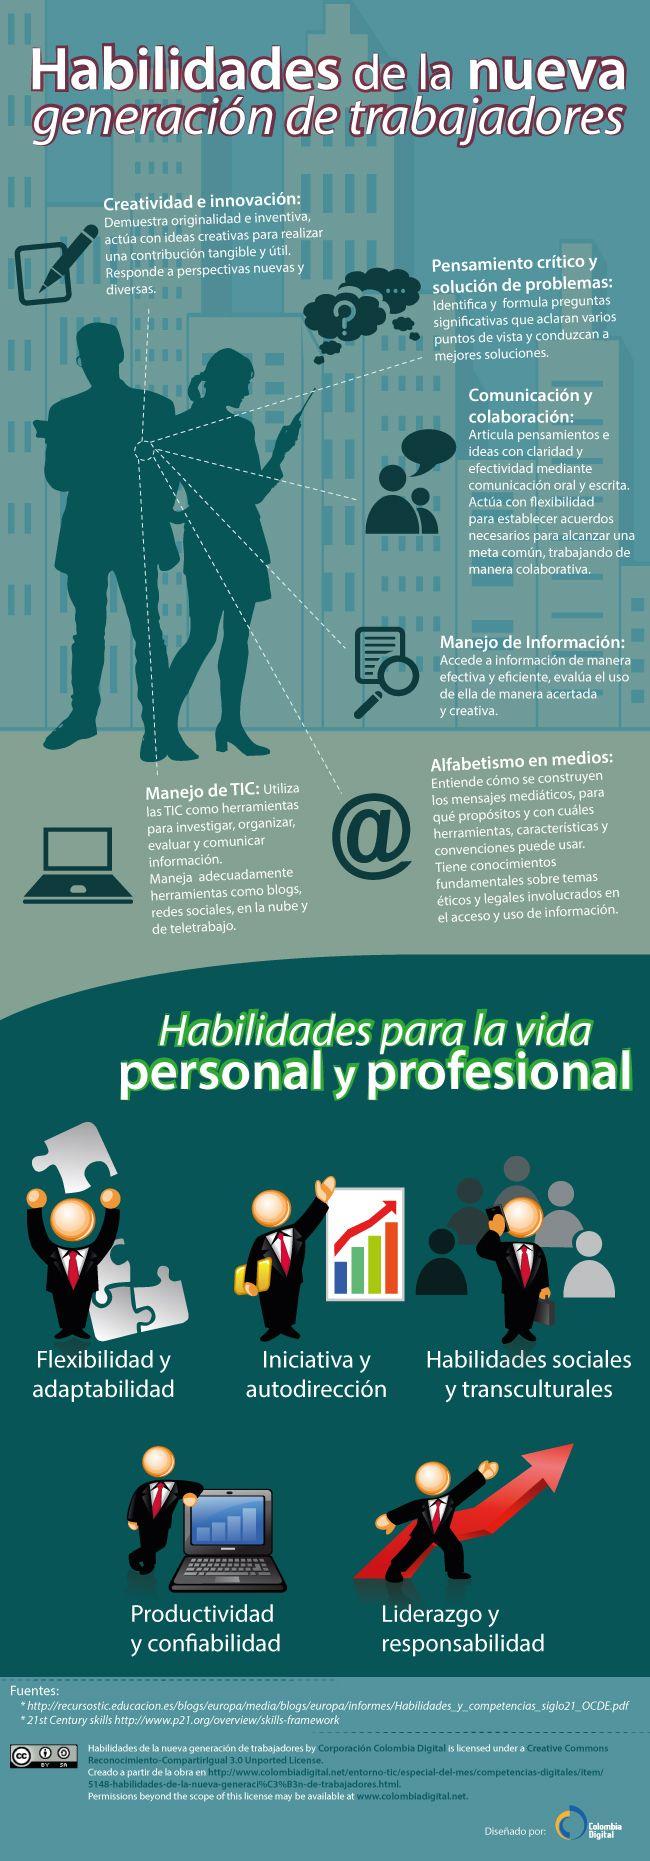 Hola: Una infografía sobre las habilidades de la nueva generación de trabajadores. Un saludo